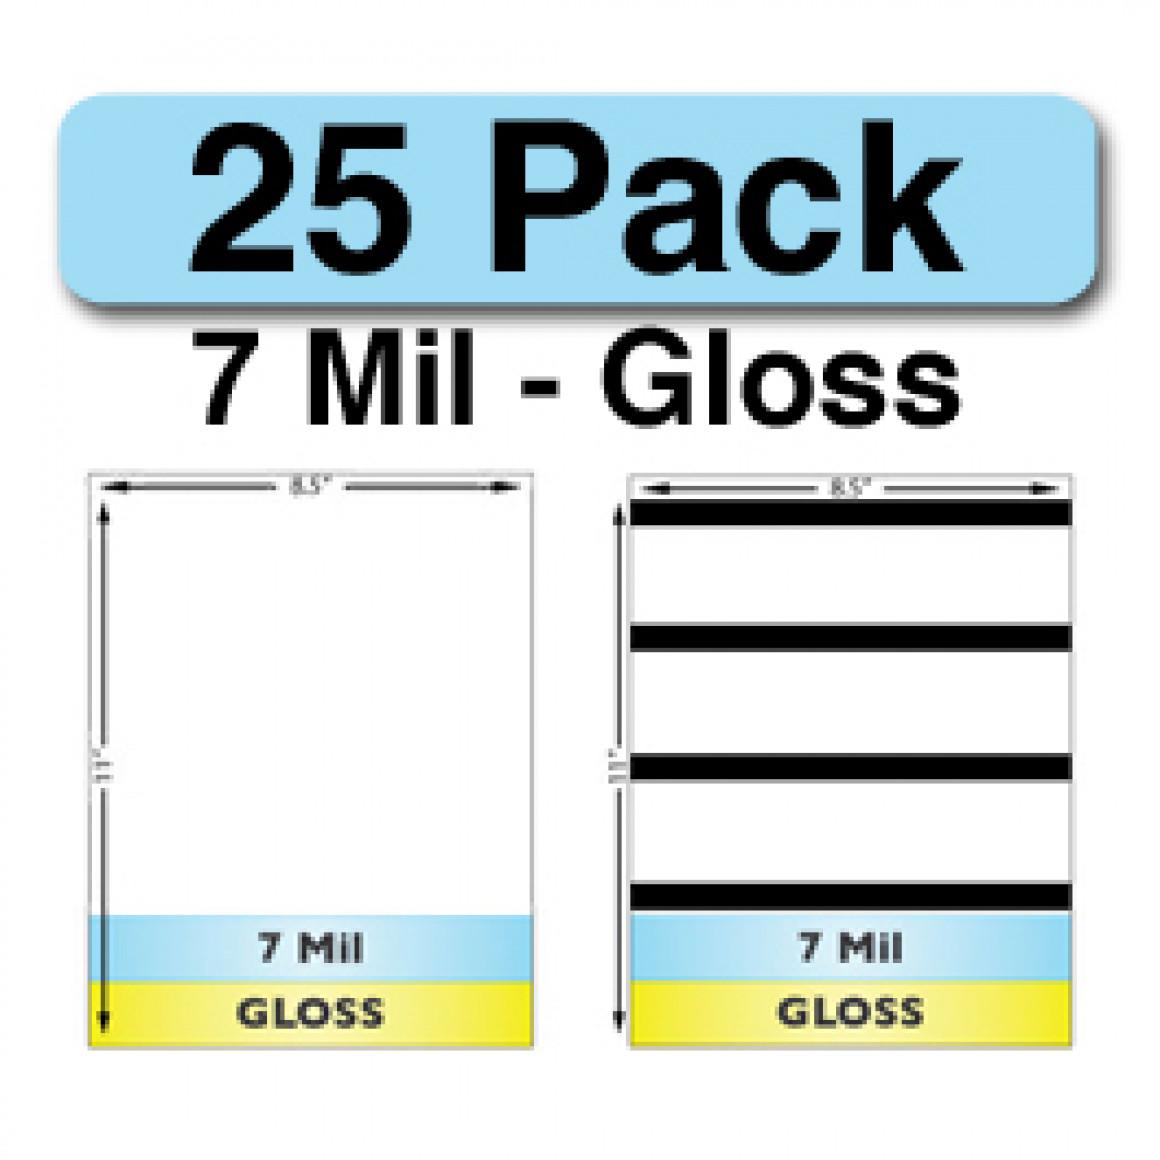 7 Mil Gloss Full Sheet Laminate Combo Pack